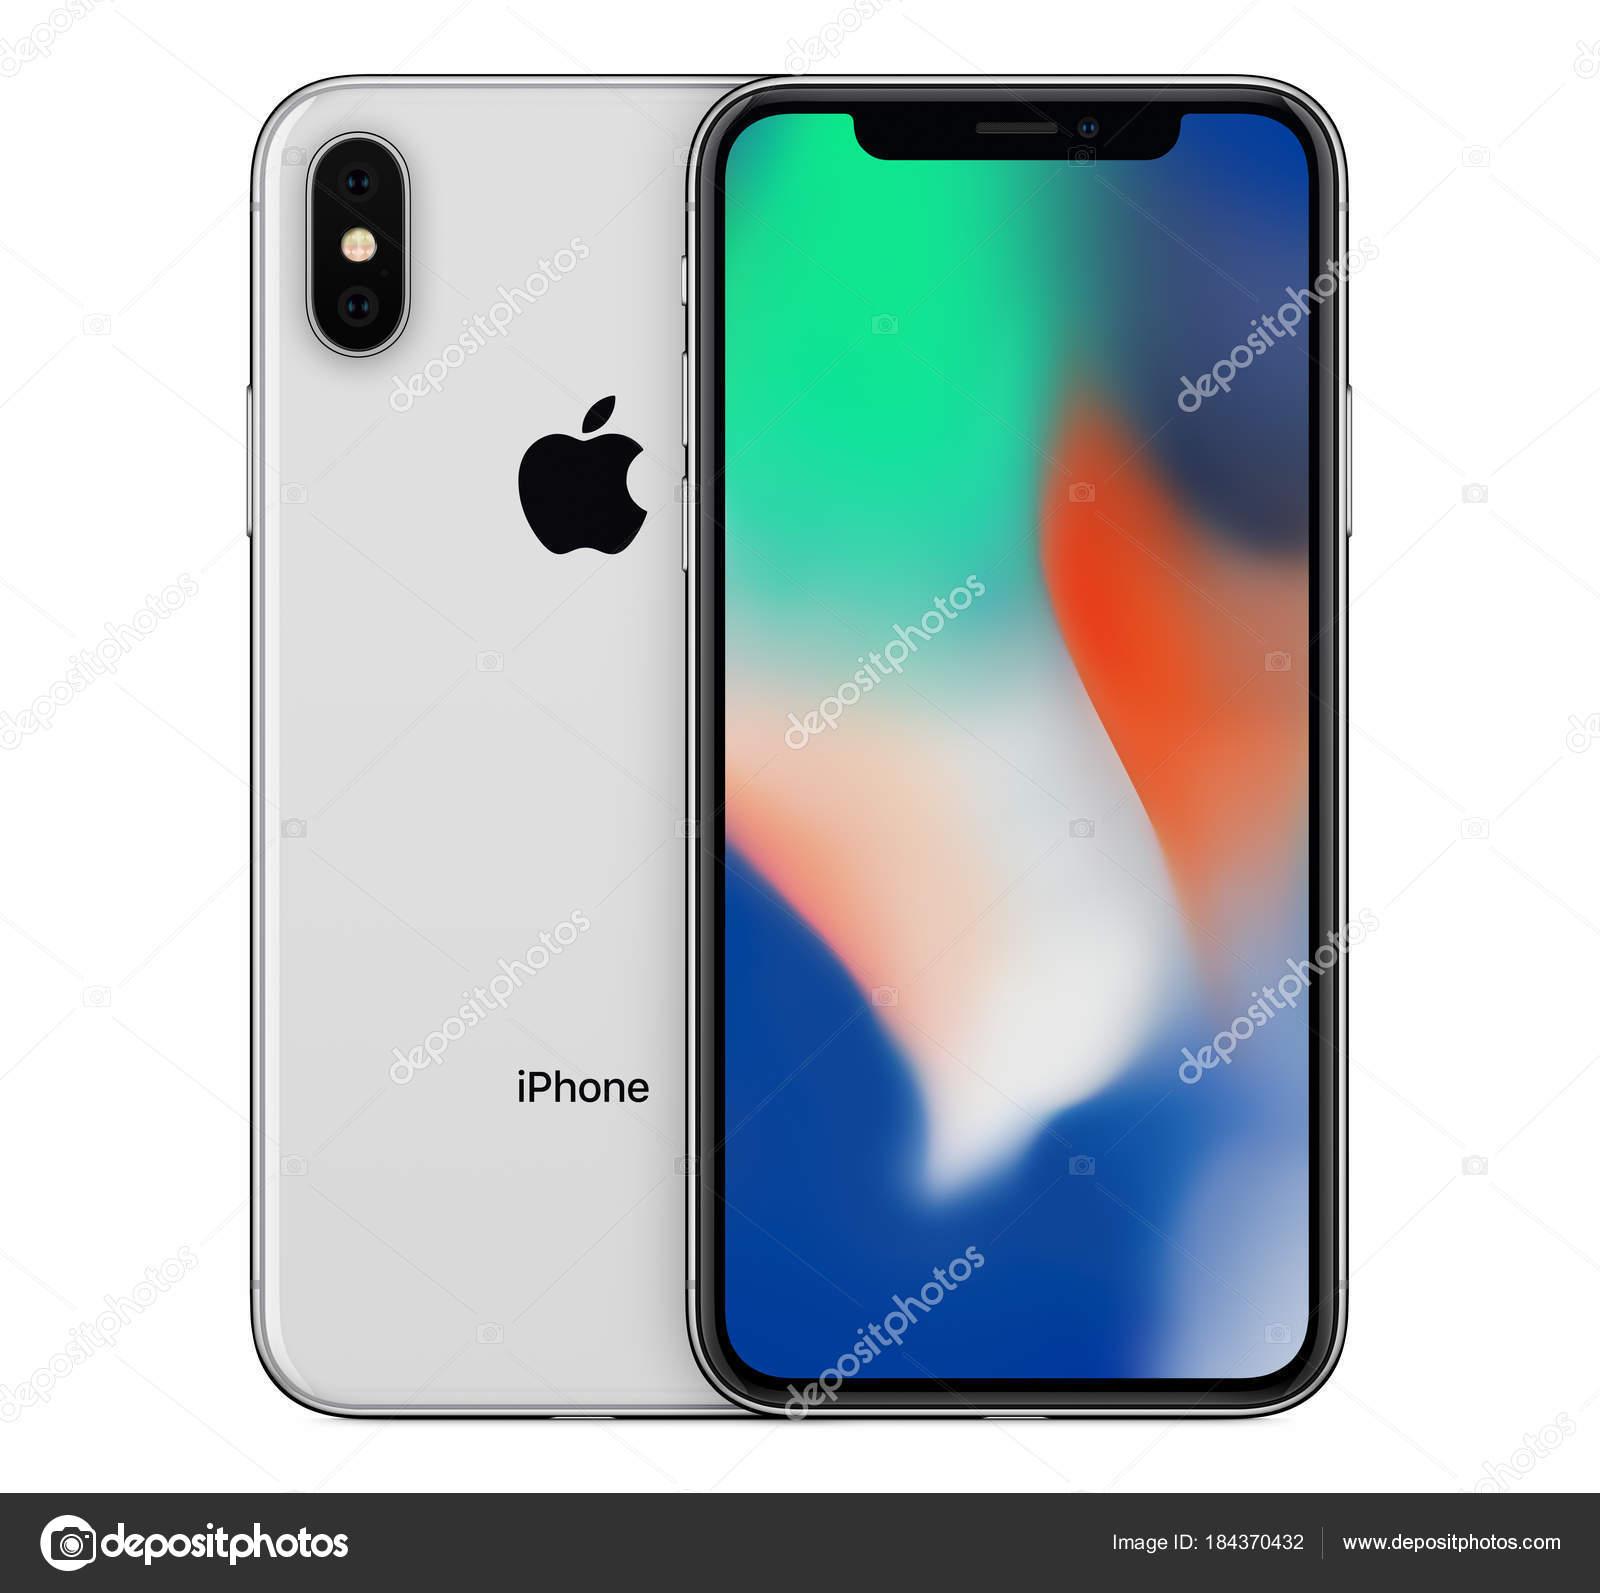 실버 애플 아이폰 X 이랑 벽지 화면 및 아이폰 10 뒤에 뒷면 전면 보기 — 스톡